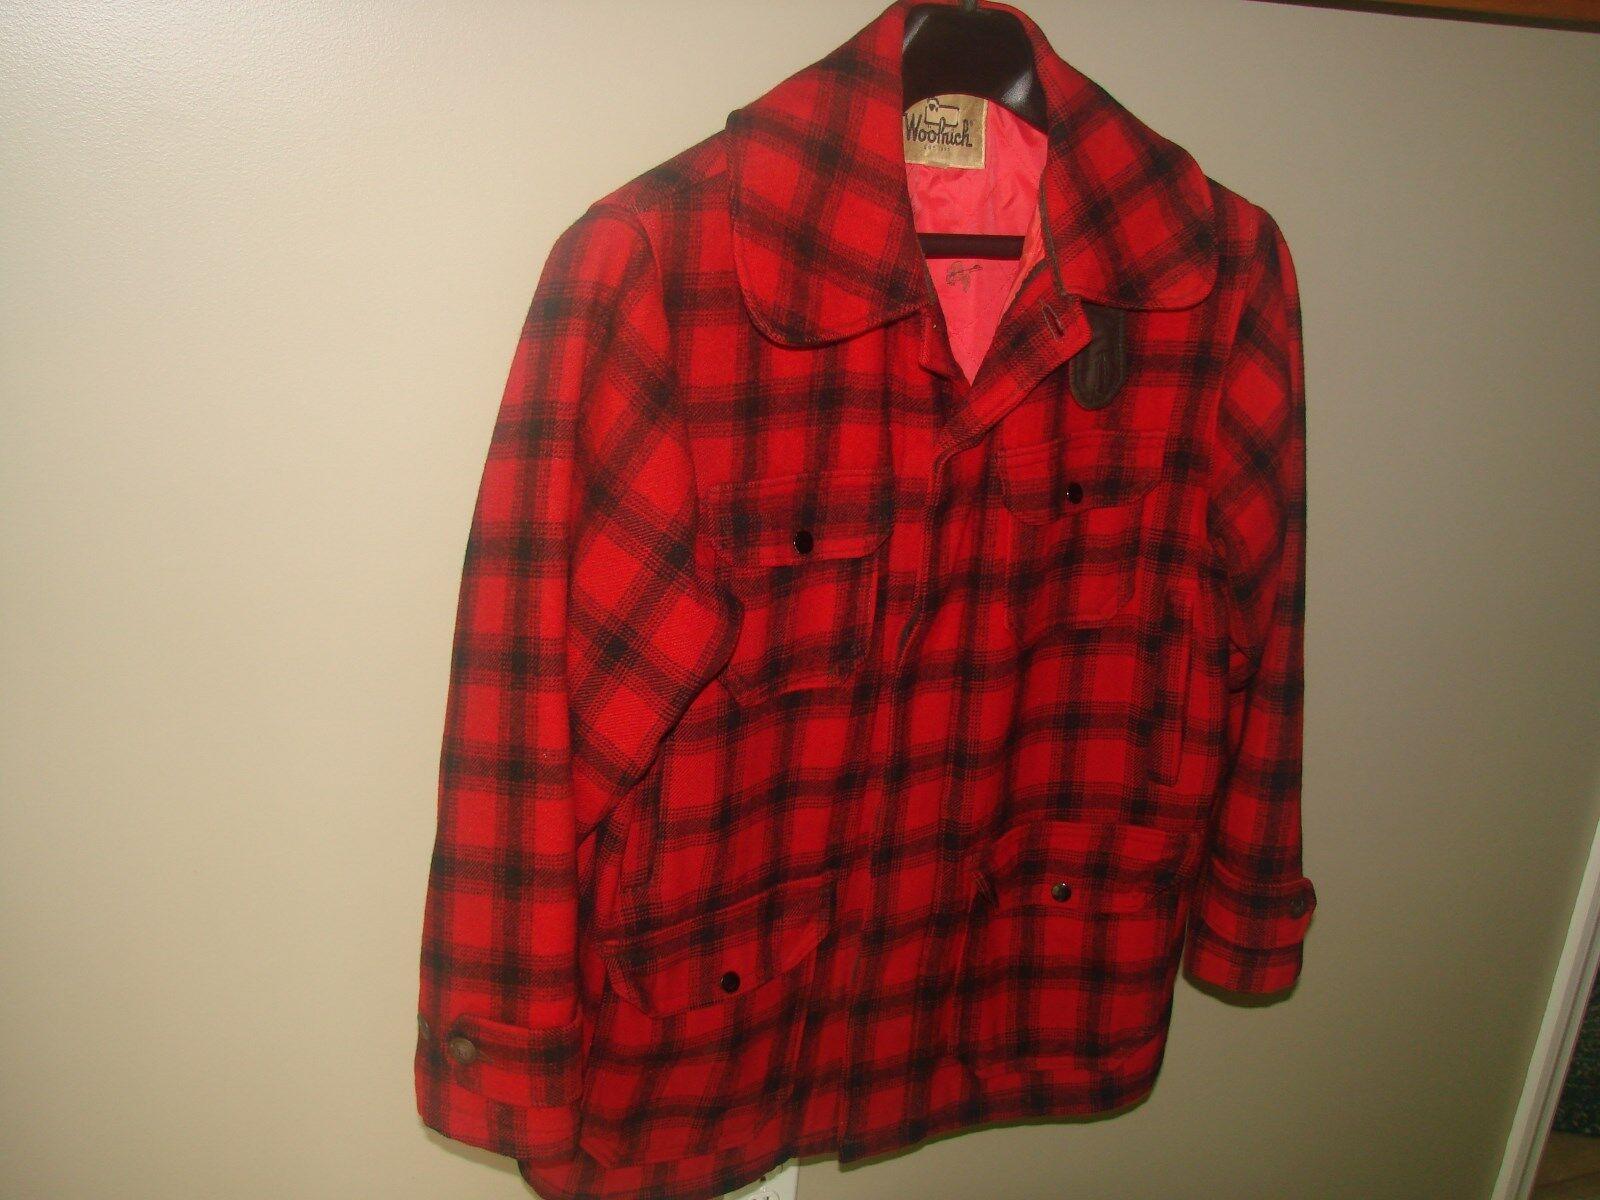 Early Vintage Woolrich Caza Chaqueta Abrigo para hombre de lana de cuadros rojo negro